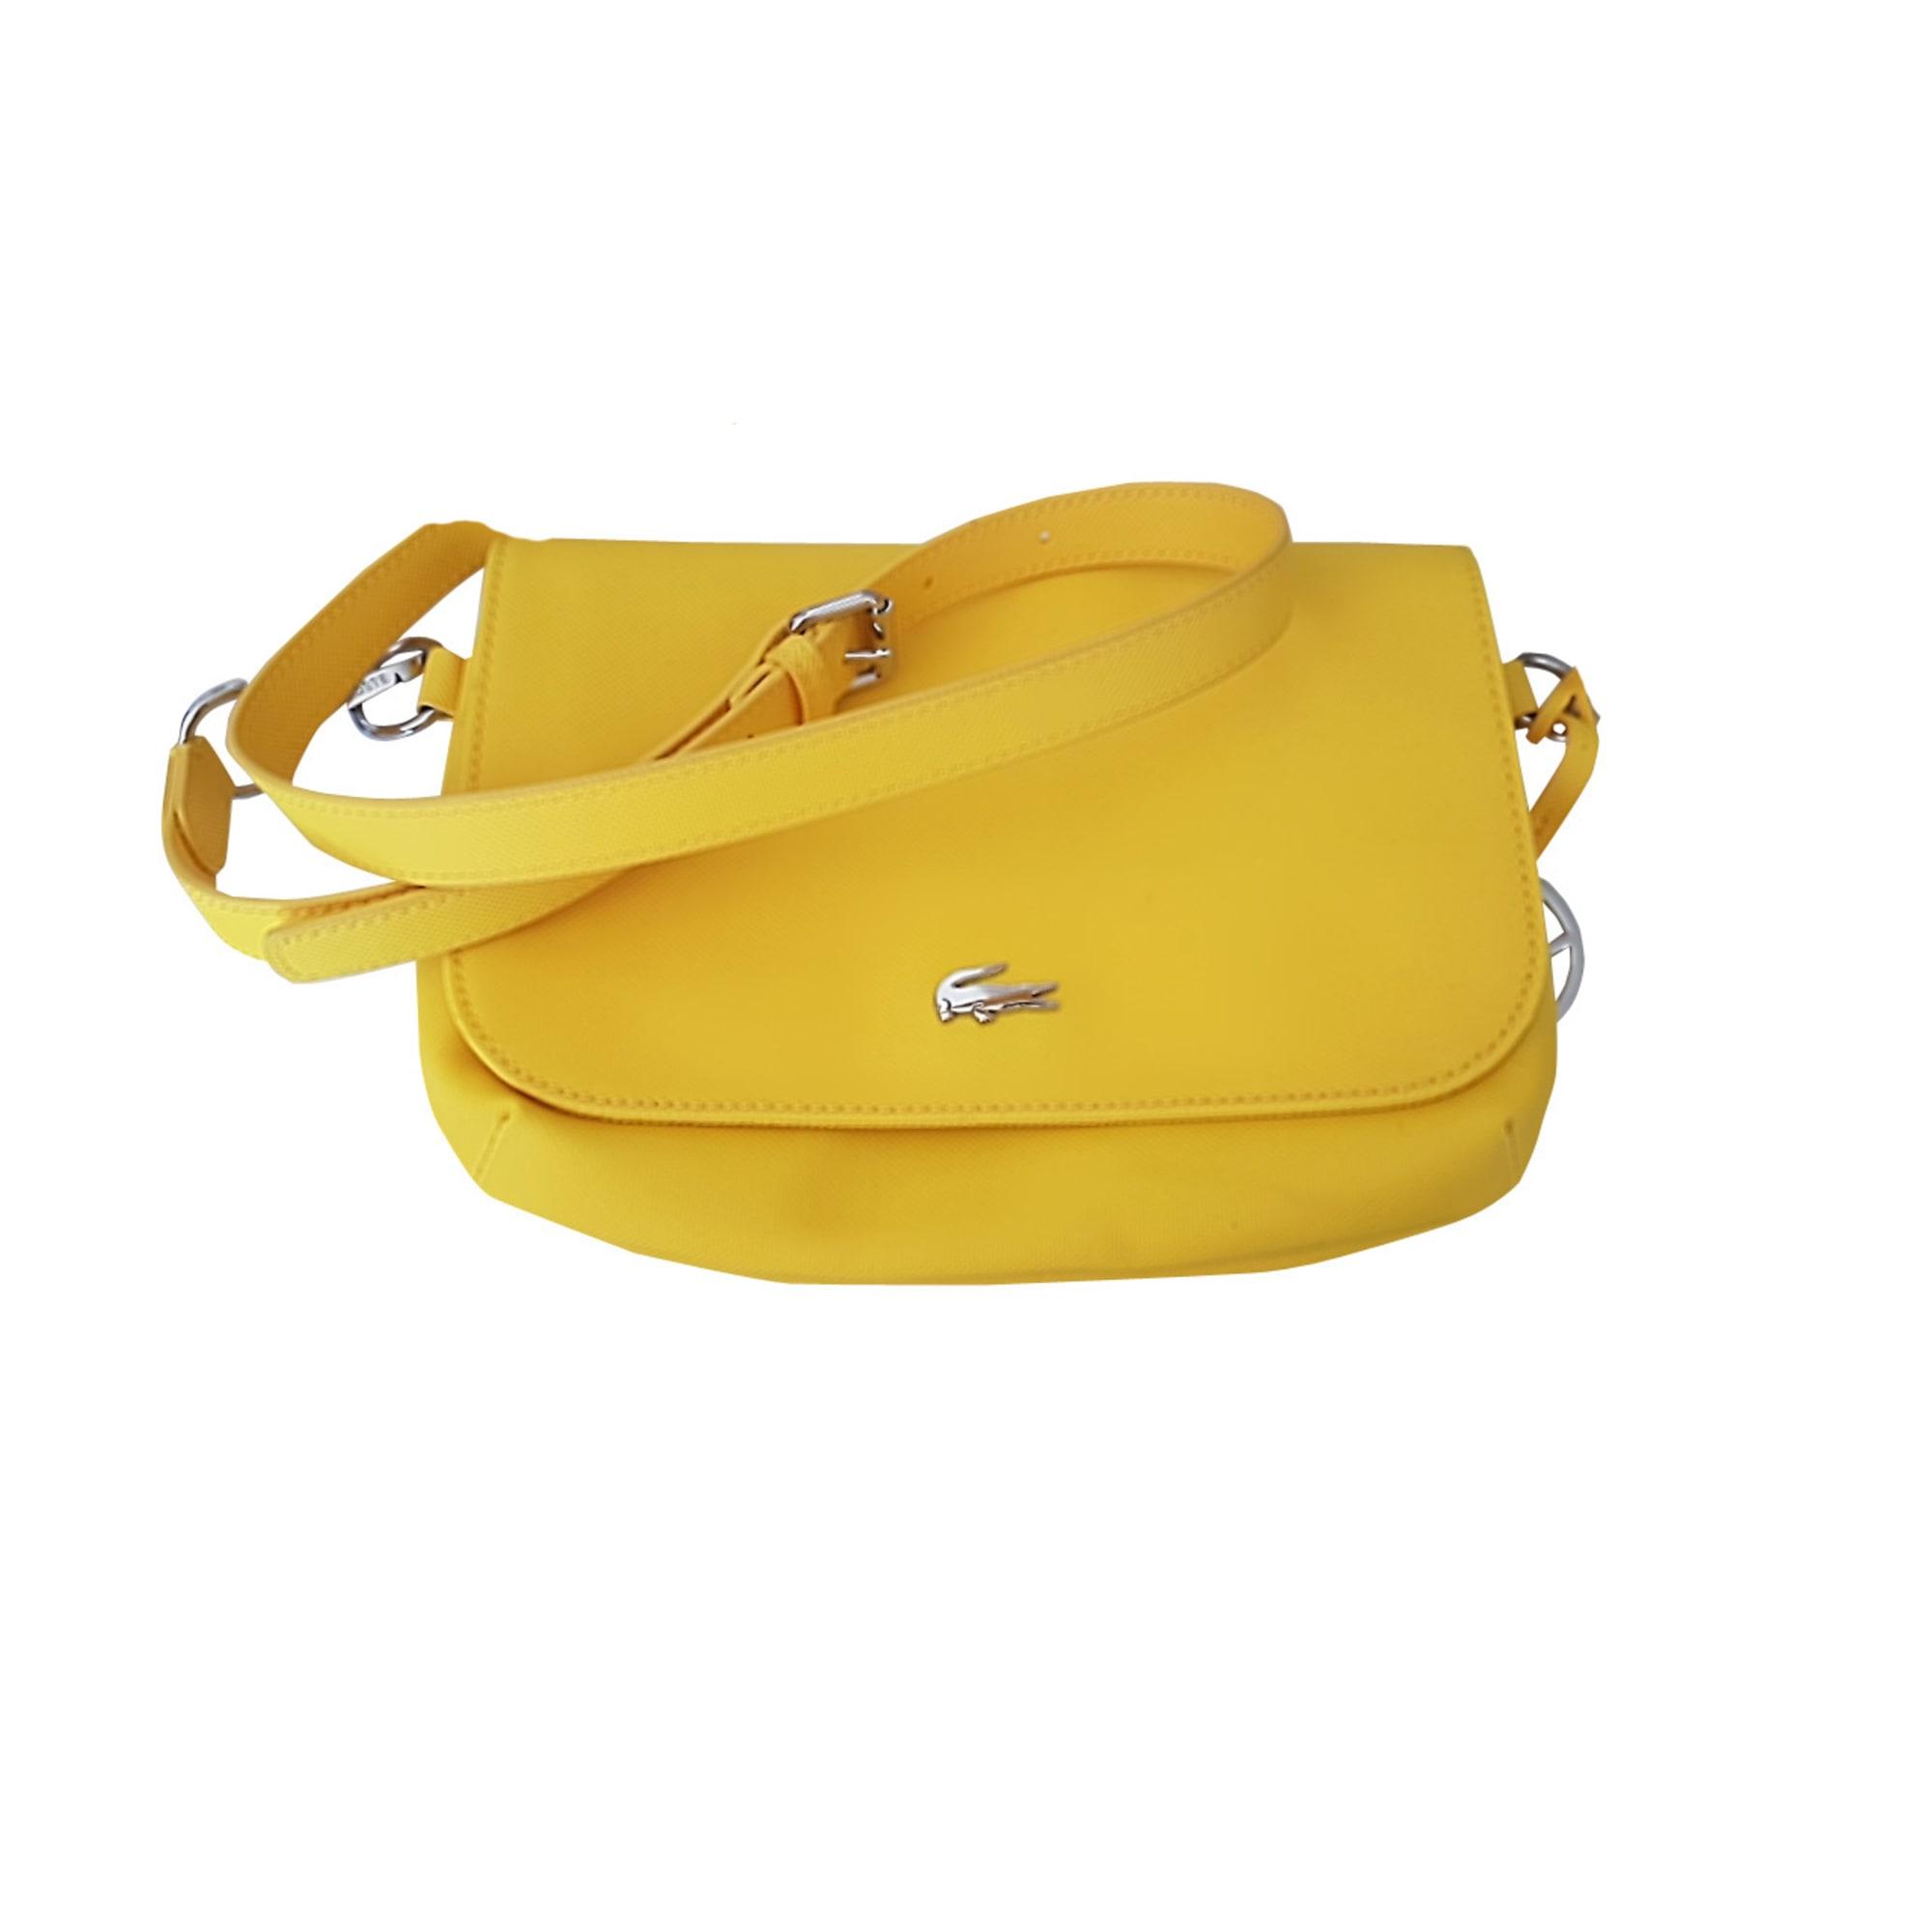 0061c5ad64 Sac en bandoulière en tissu LACOSTE jaune vendu par Lisette 22579576 ...